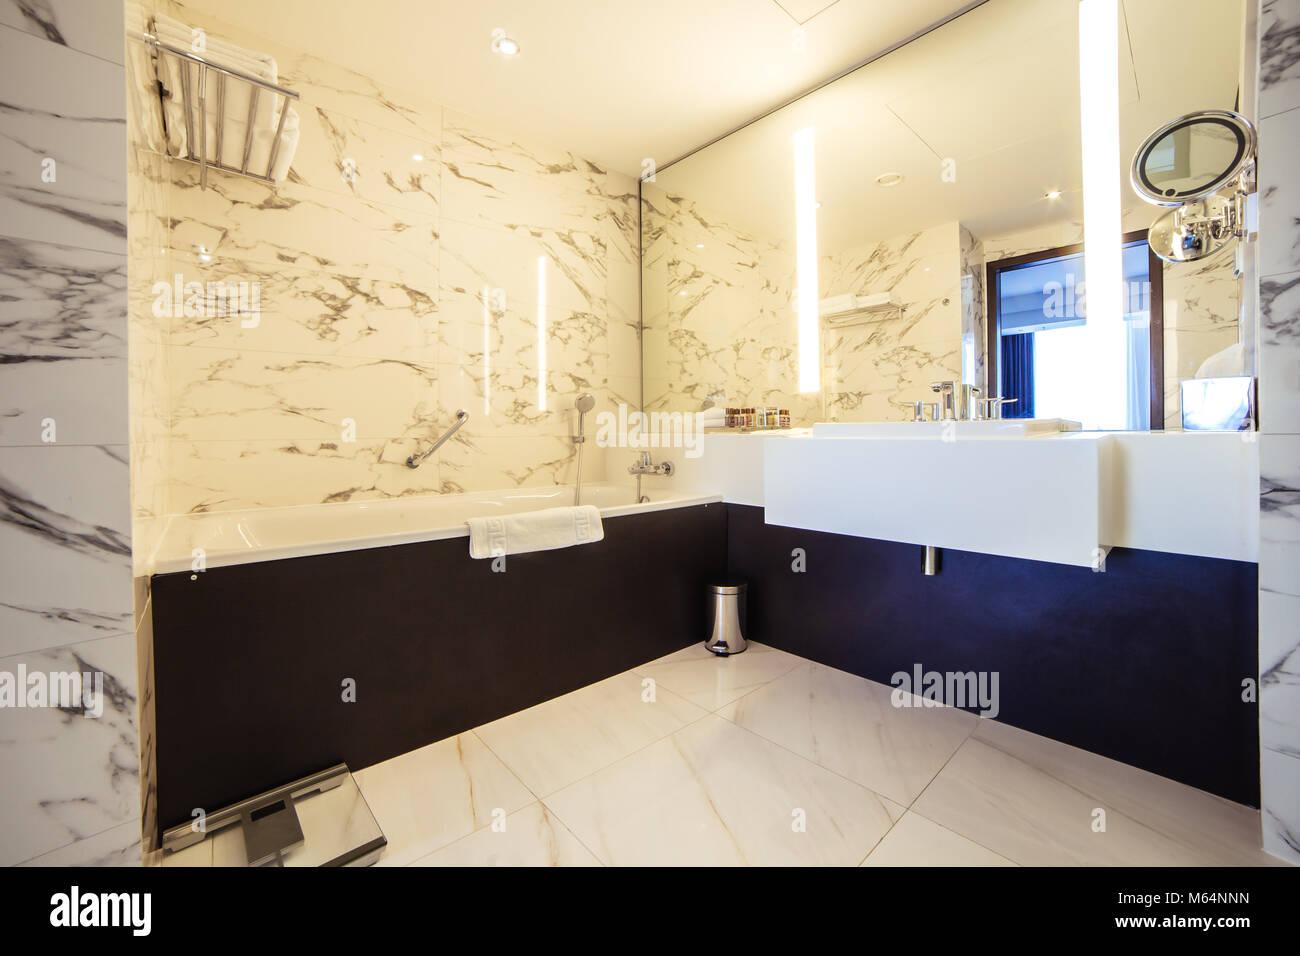 Design Bagno Con Doccia : Bagno di design con doccia piastrellatura foto & immagine stock